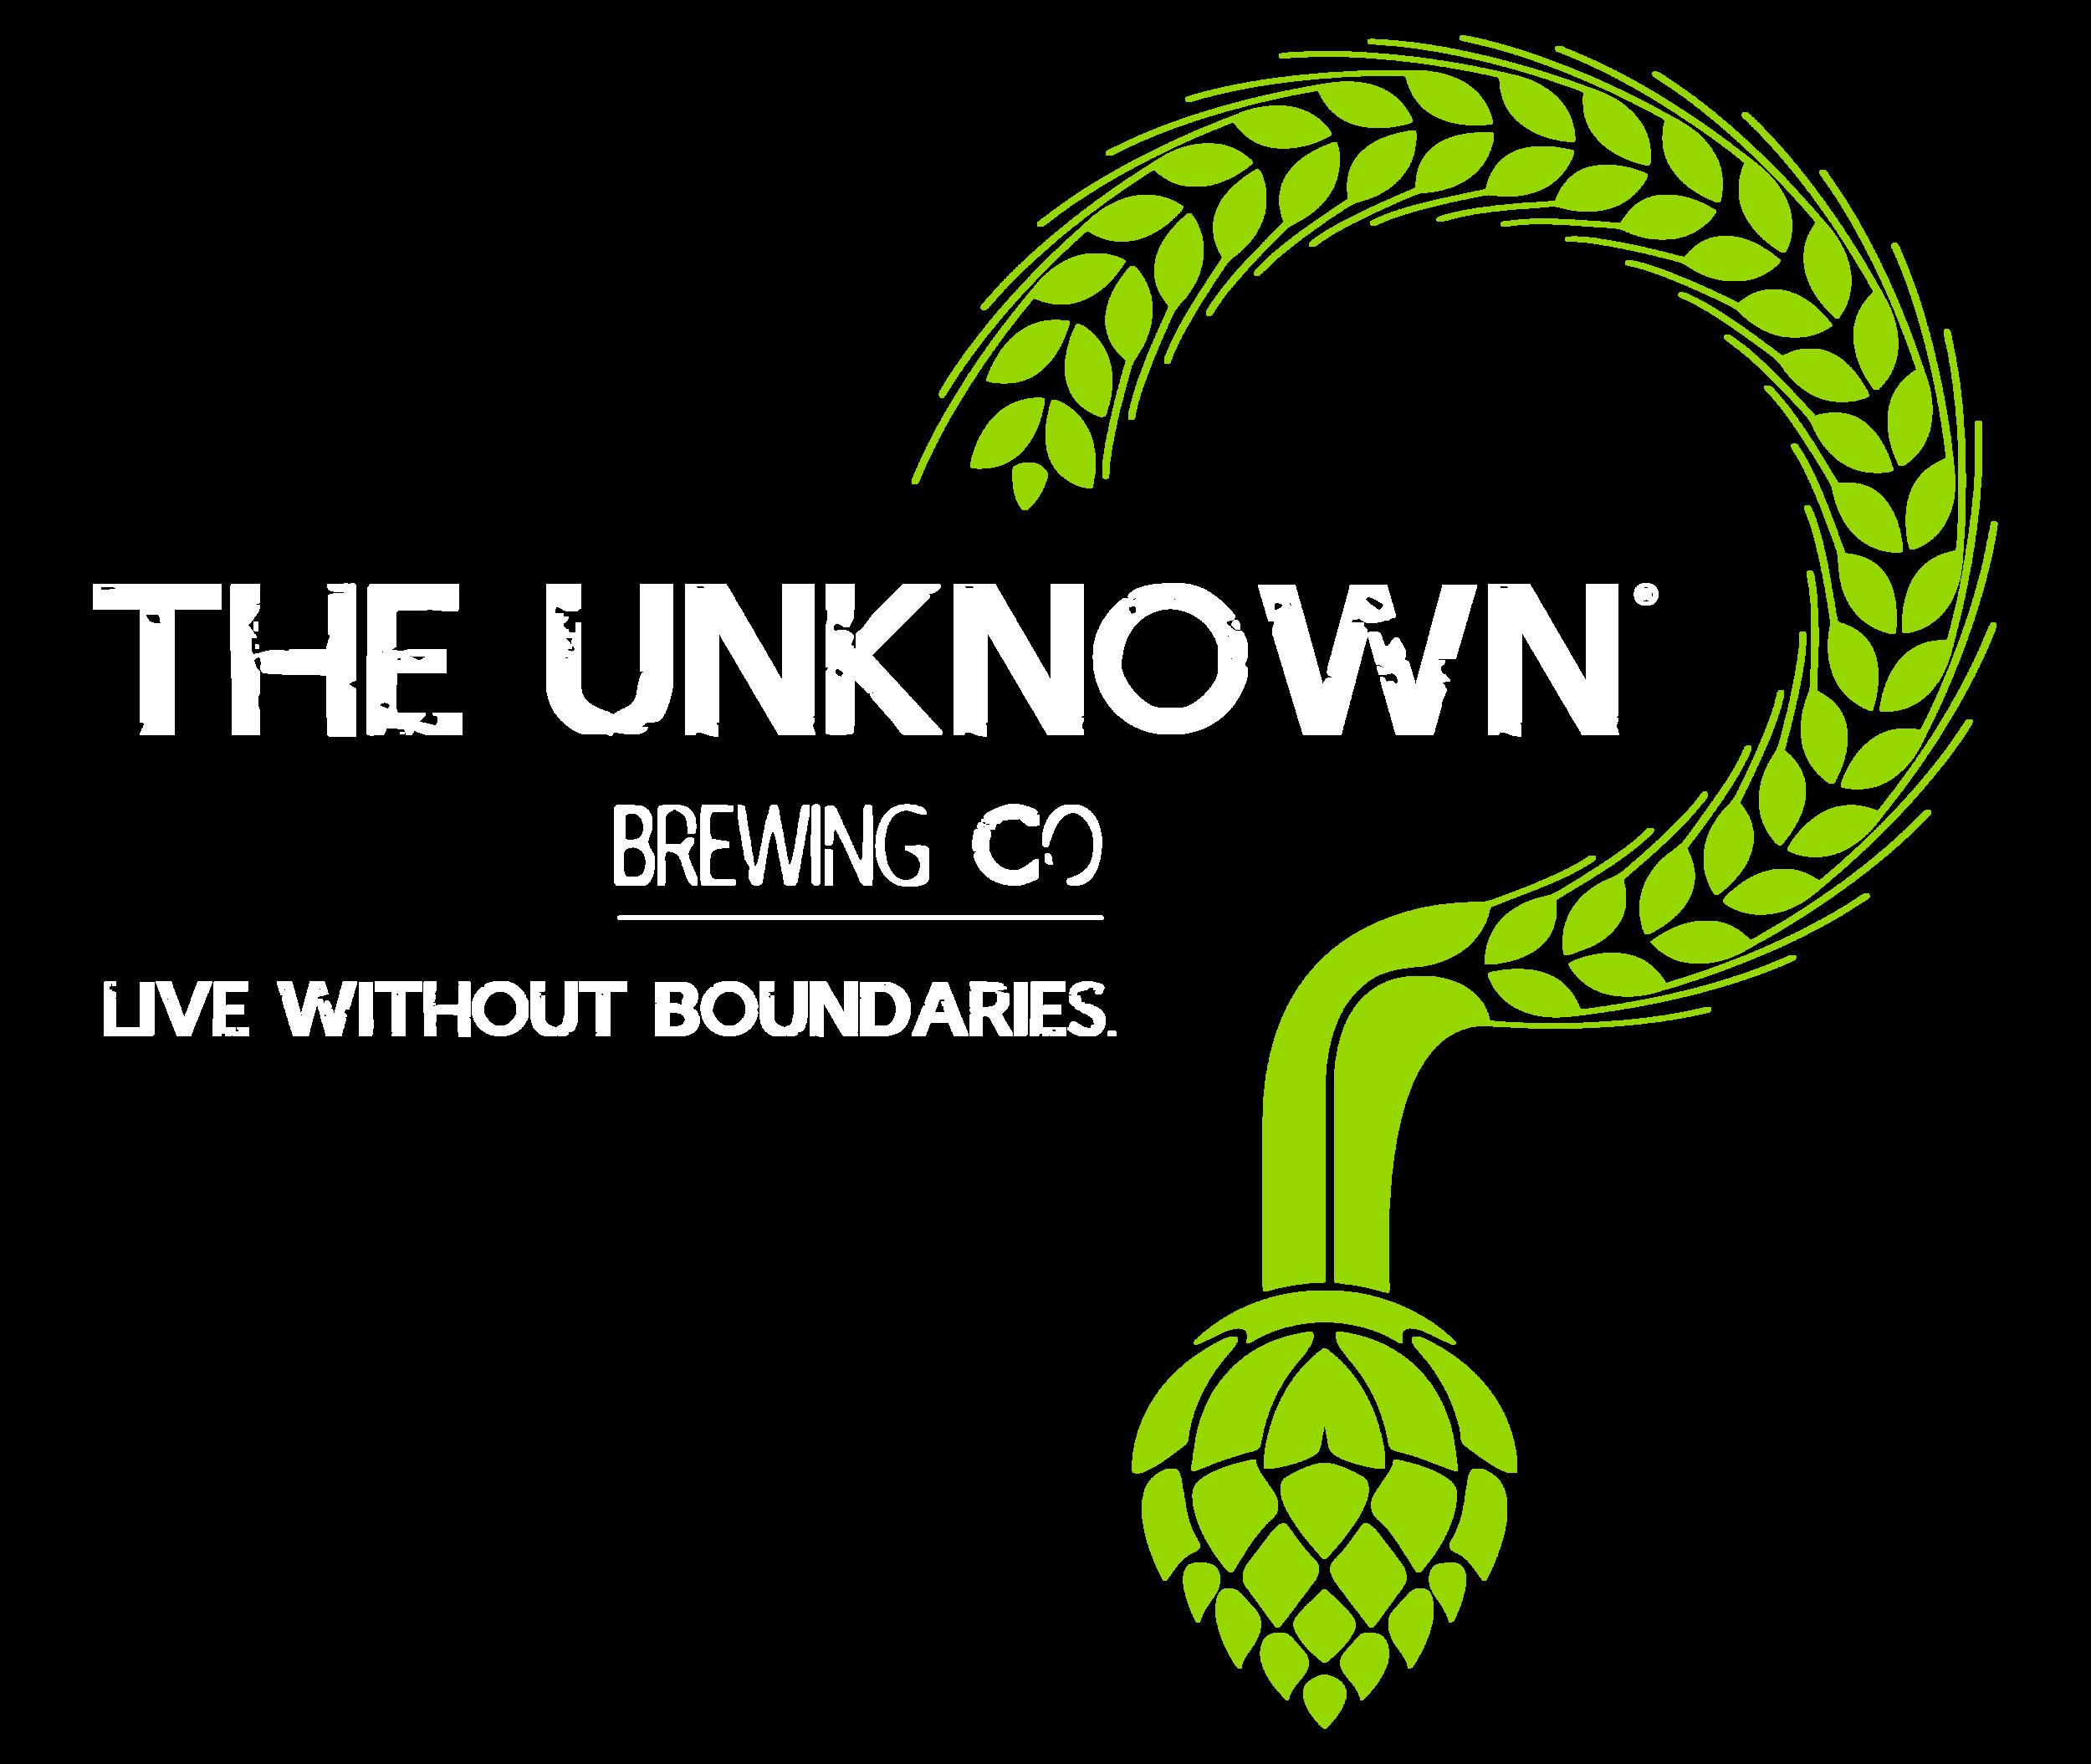 UB-Logo-Full-for-dark-background-01.png